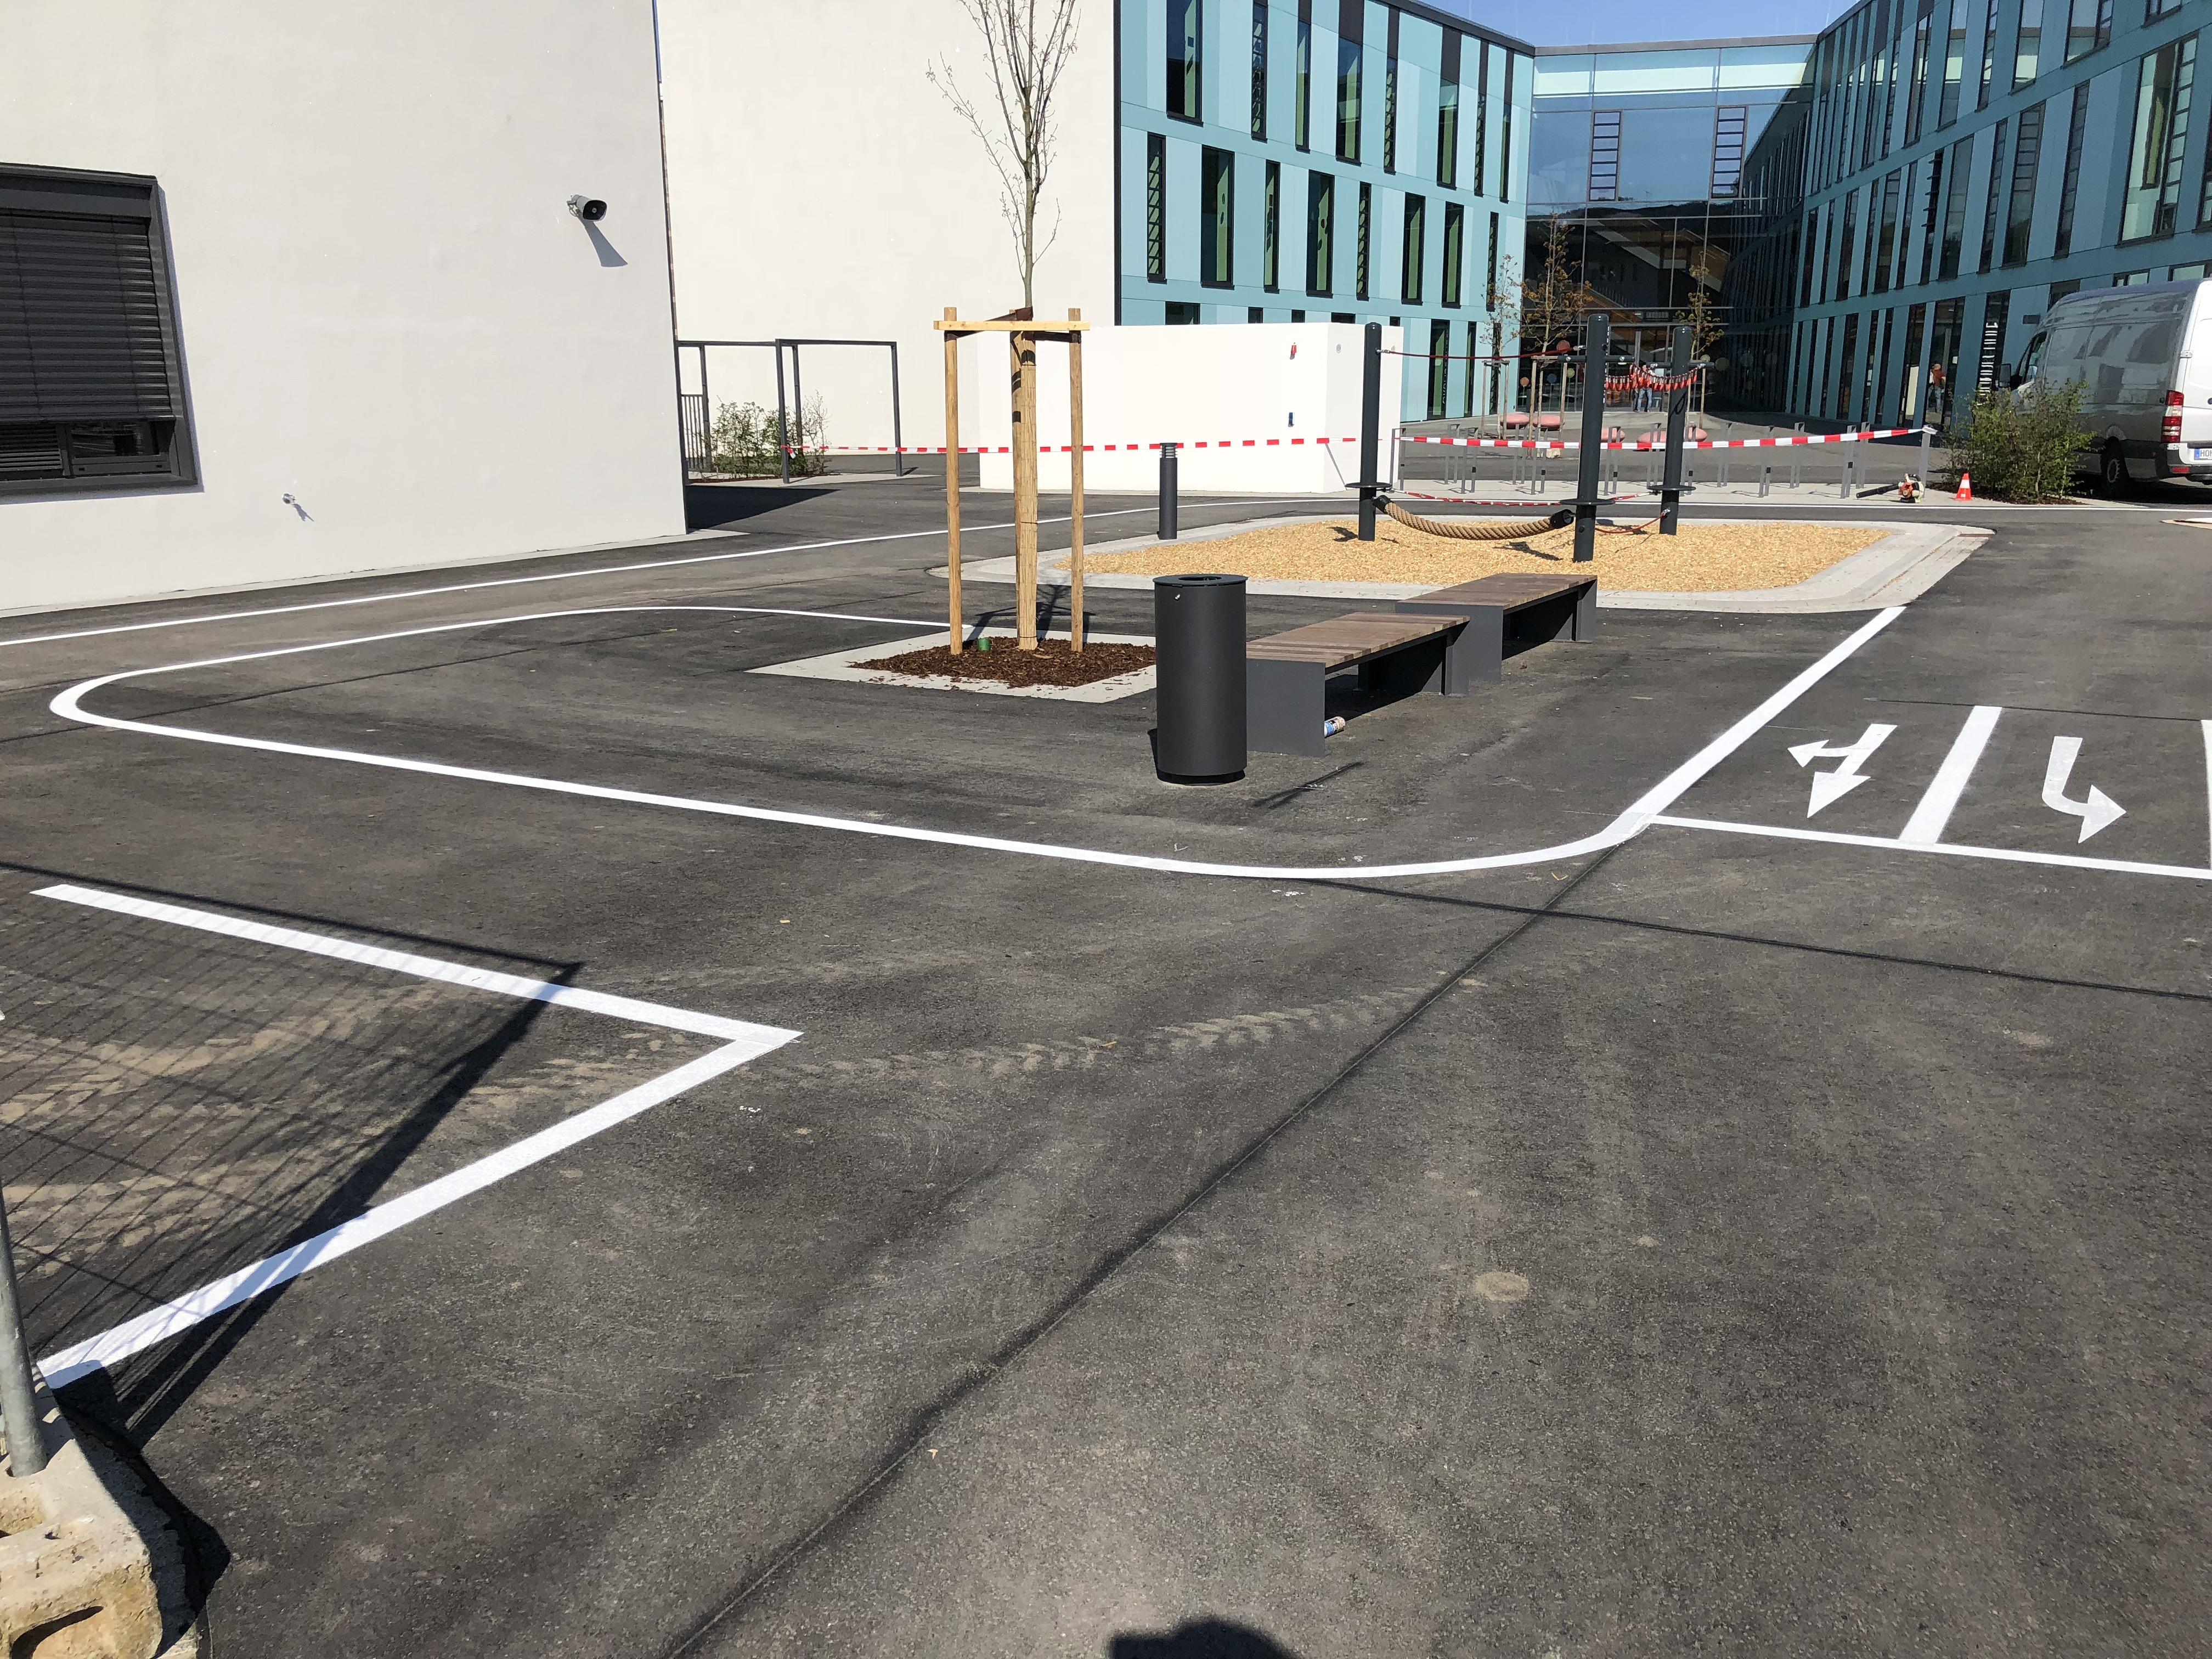 Markierung eines Verkehrsübungsplatz auf einem Pausenhof